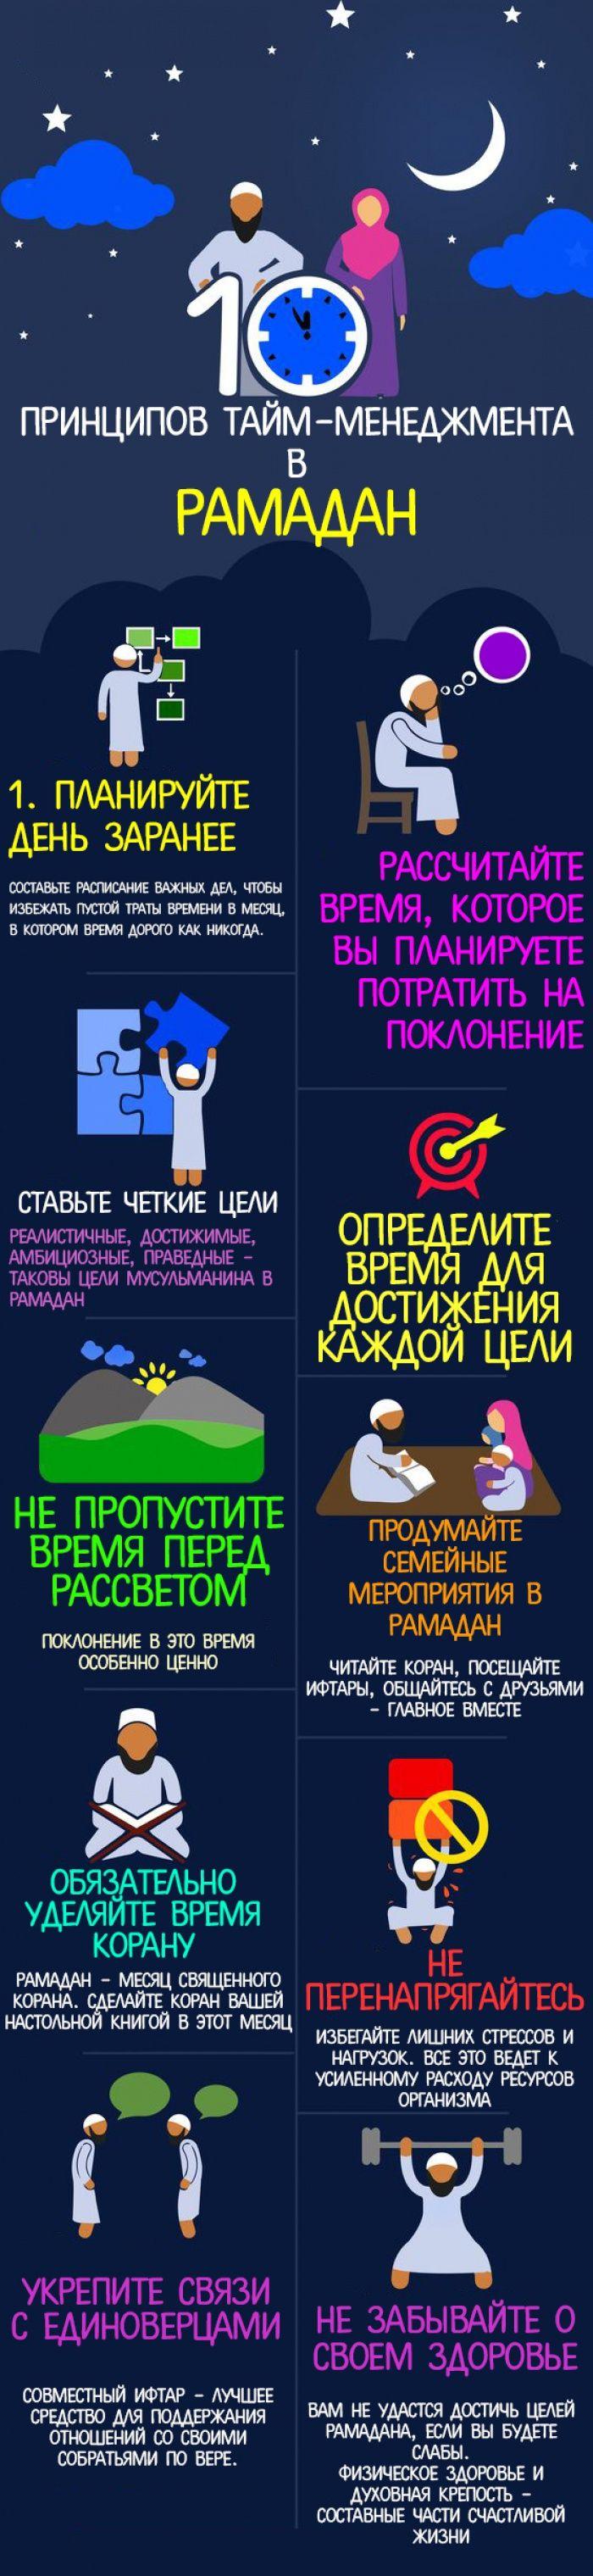 ИНФОГРАФИКА: 10 принципов тайм-менеджмента в Рамадан